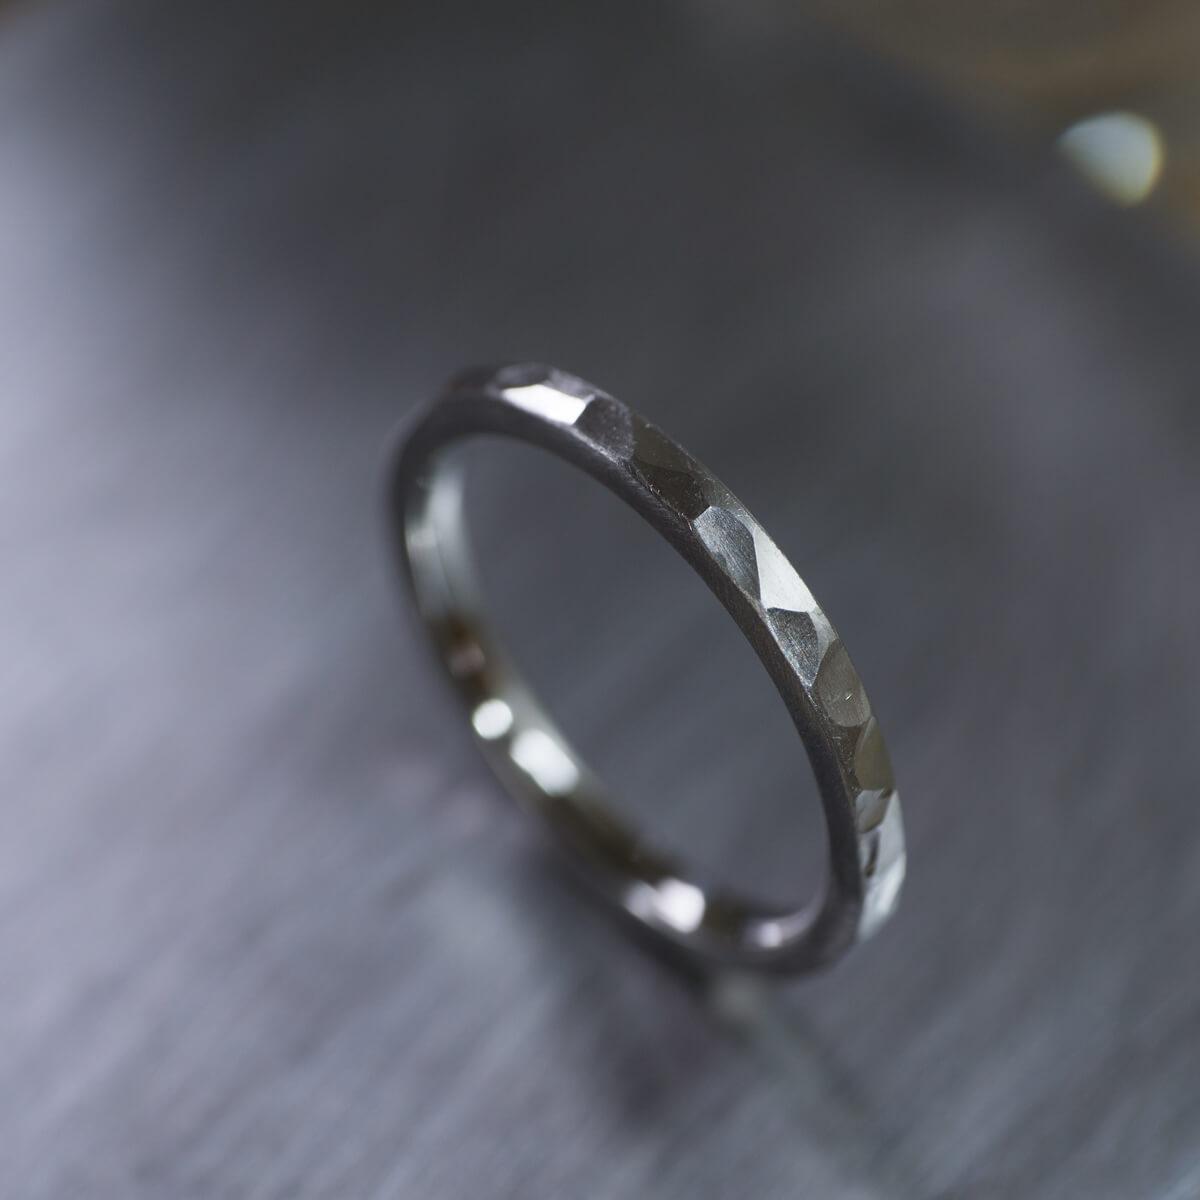 オーダーメイドマリッジリング、プラチナ、ジュエリーのアトリエ、屋久島の海モチーフ 屋久島でつくる結婚指輪